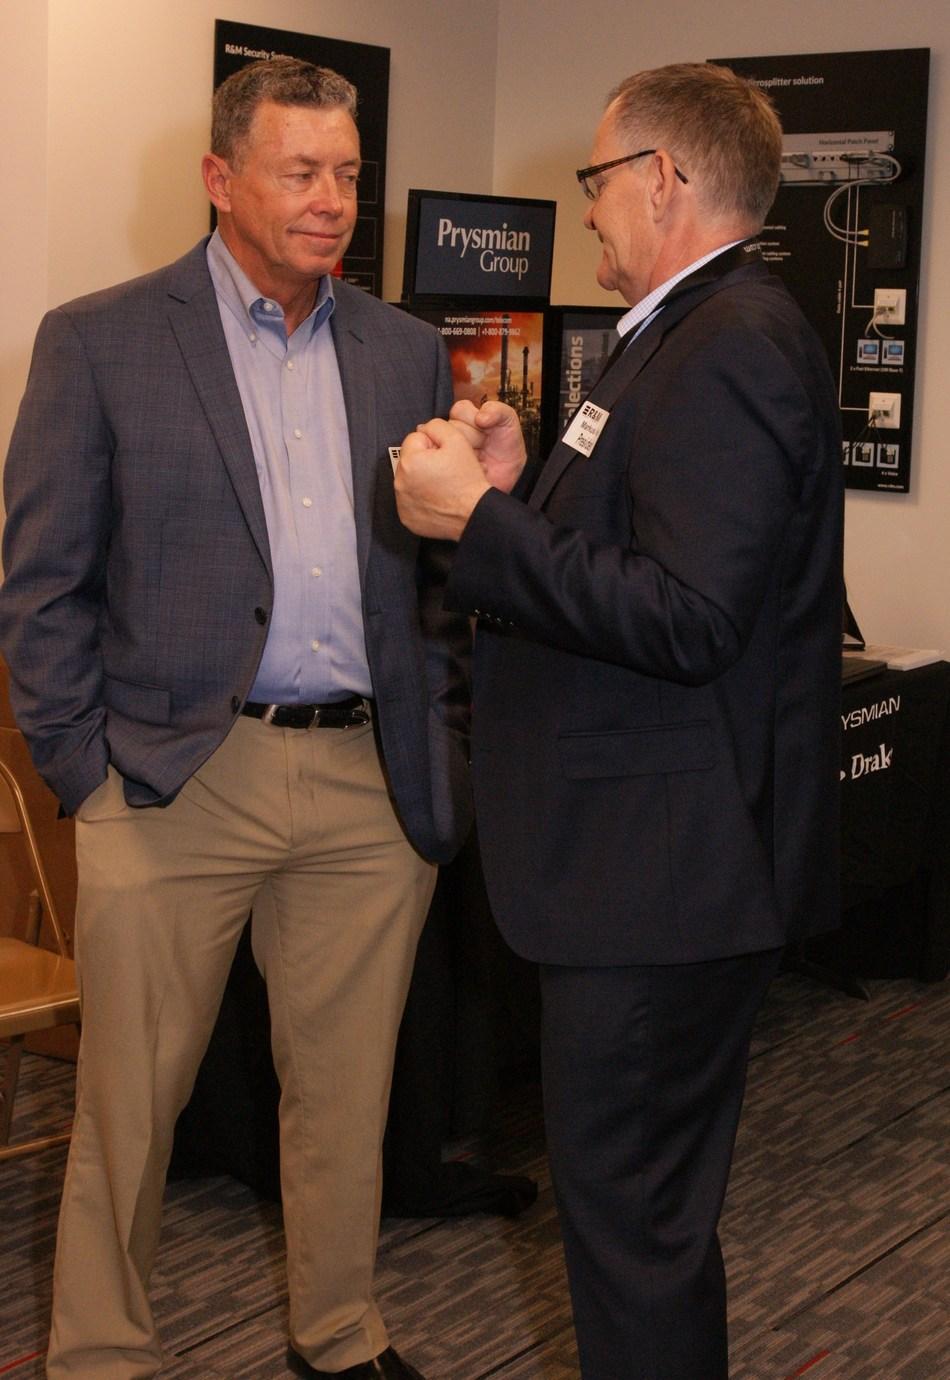 Left: Chris Isetts, National Sales Manager, Prysmian Group; Right: Markus Huber, President, R&M USA